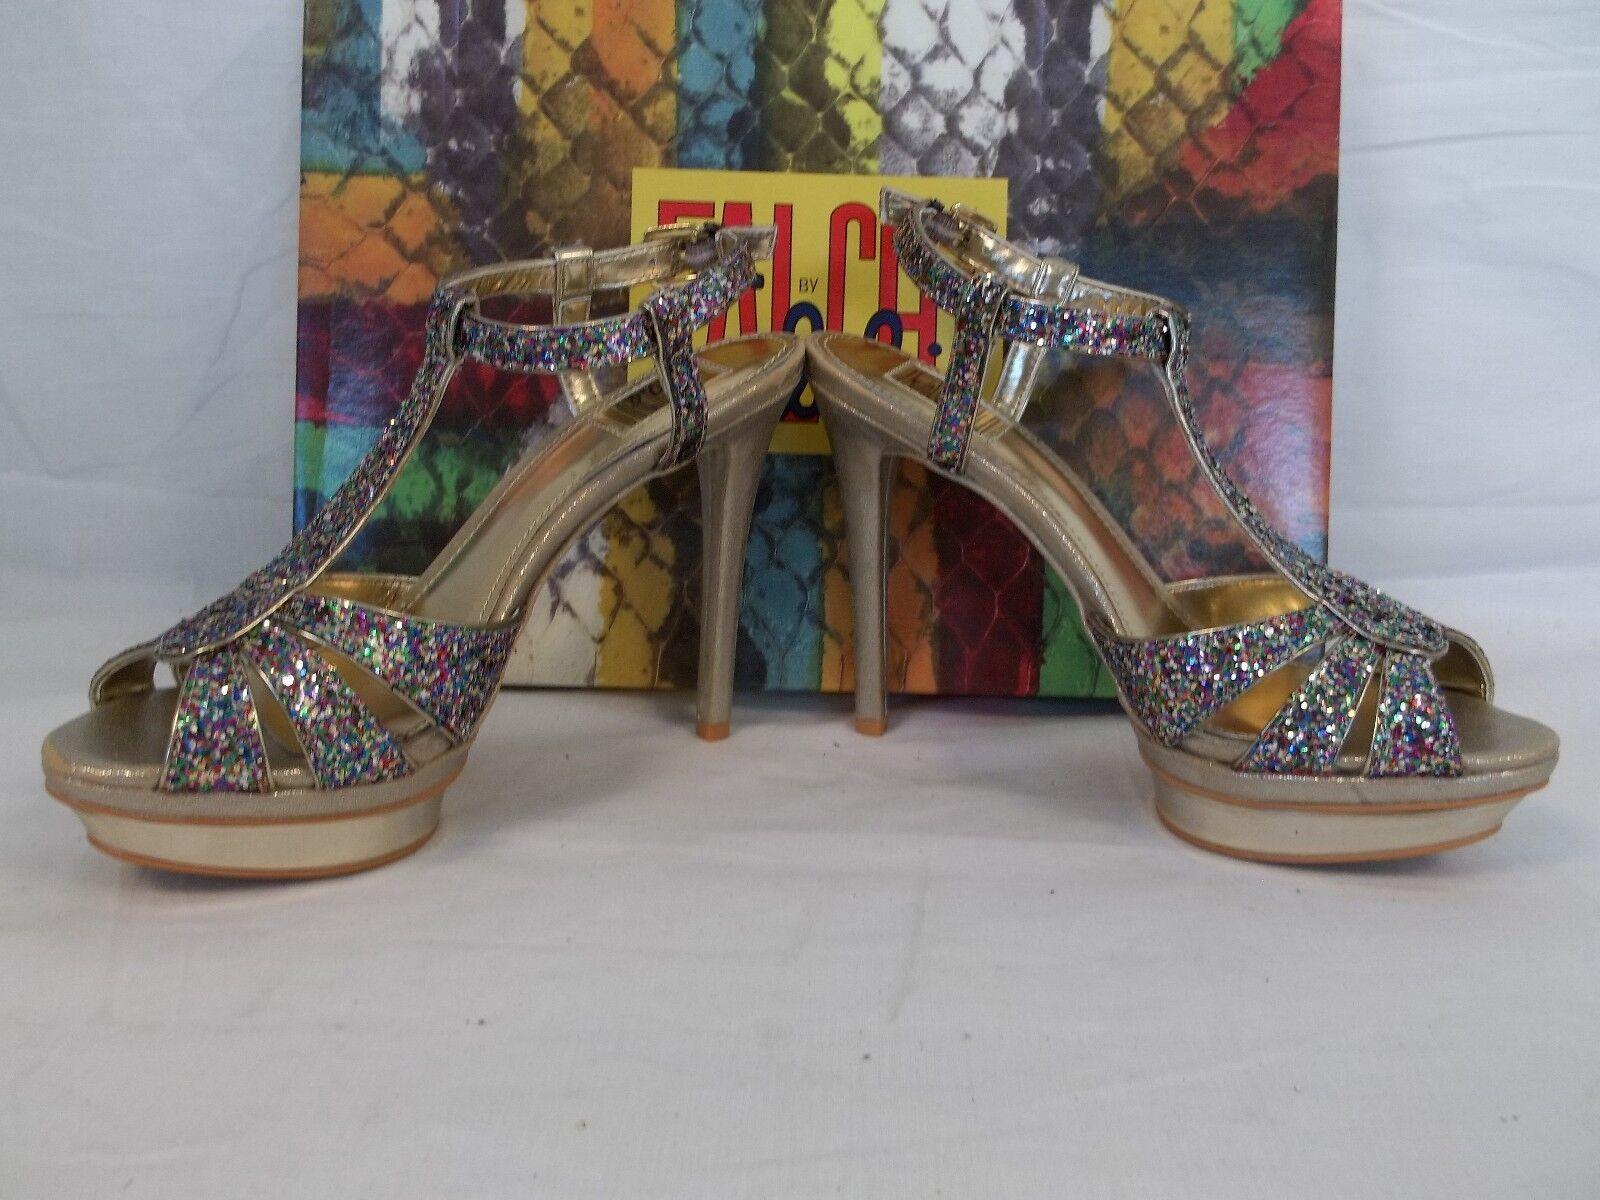 Falchi Größe 6.5 Natalie M Natalie 6.5 Light Gold Multi  Open Toe Heels New Damenschuhe Schuhes 29a9cd